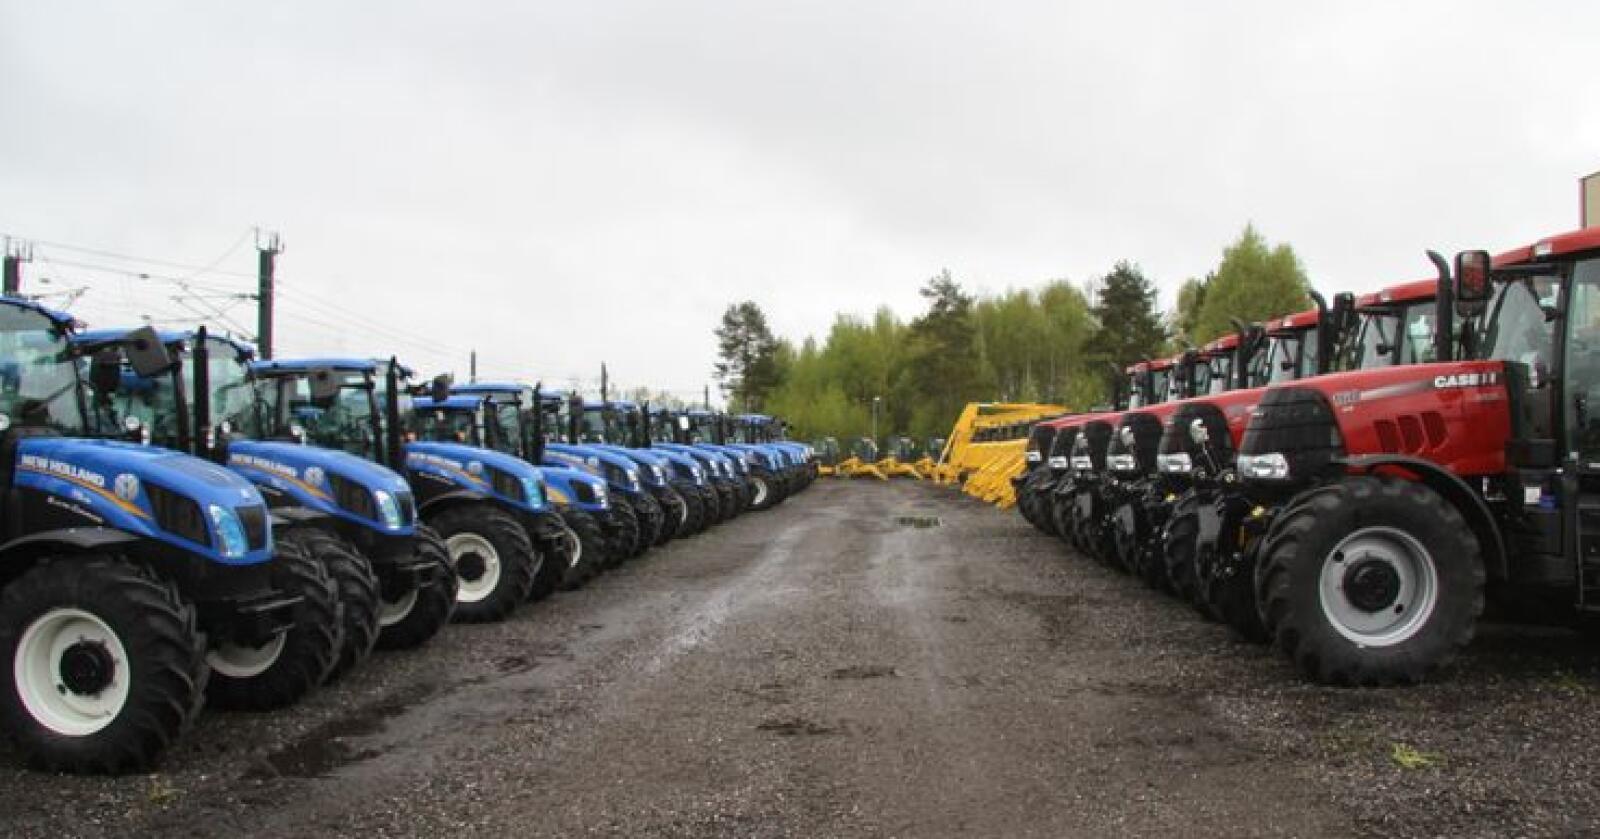 Jenvt: De blå fra New Holland og de røde fra Case IH endte opp på nøyaktig samme antall solgte hos A-K under Agroteknikk. Arkivfoto: Traktor